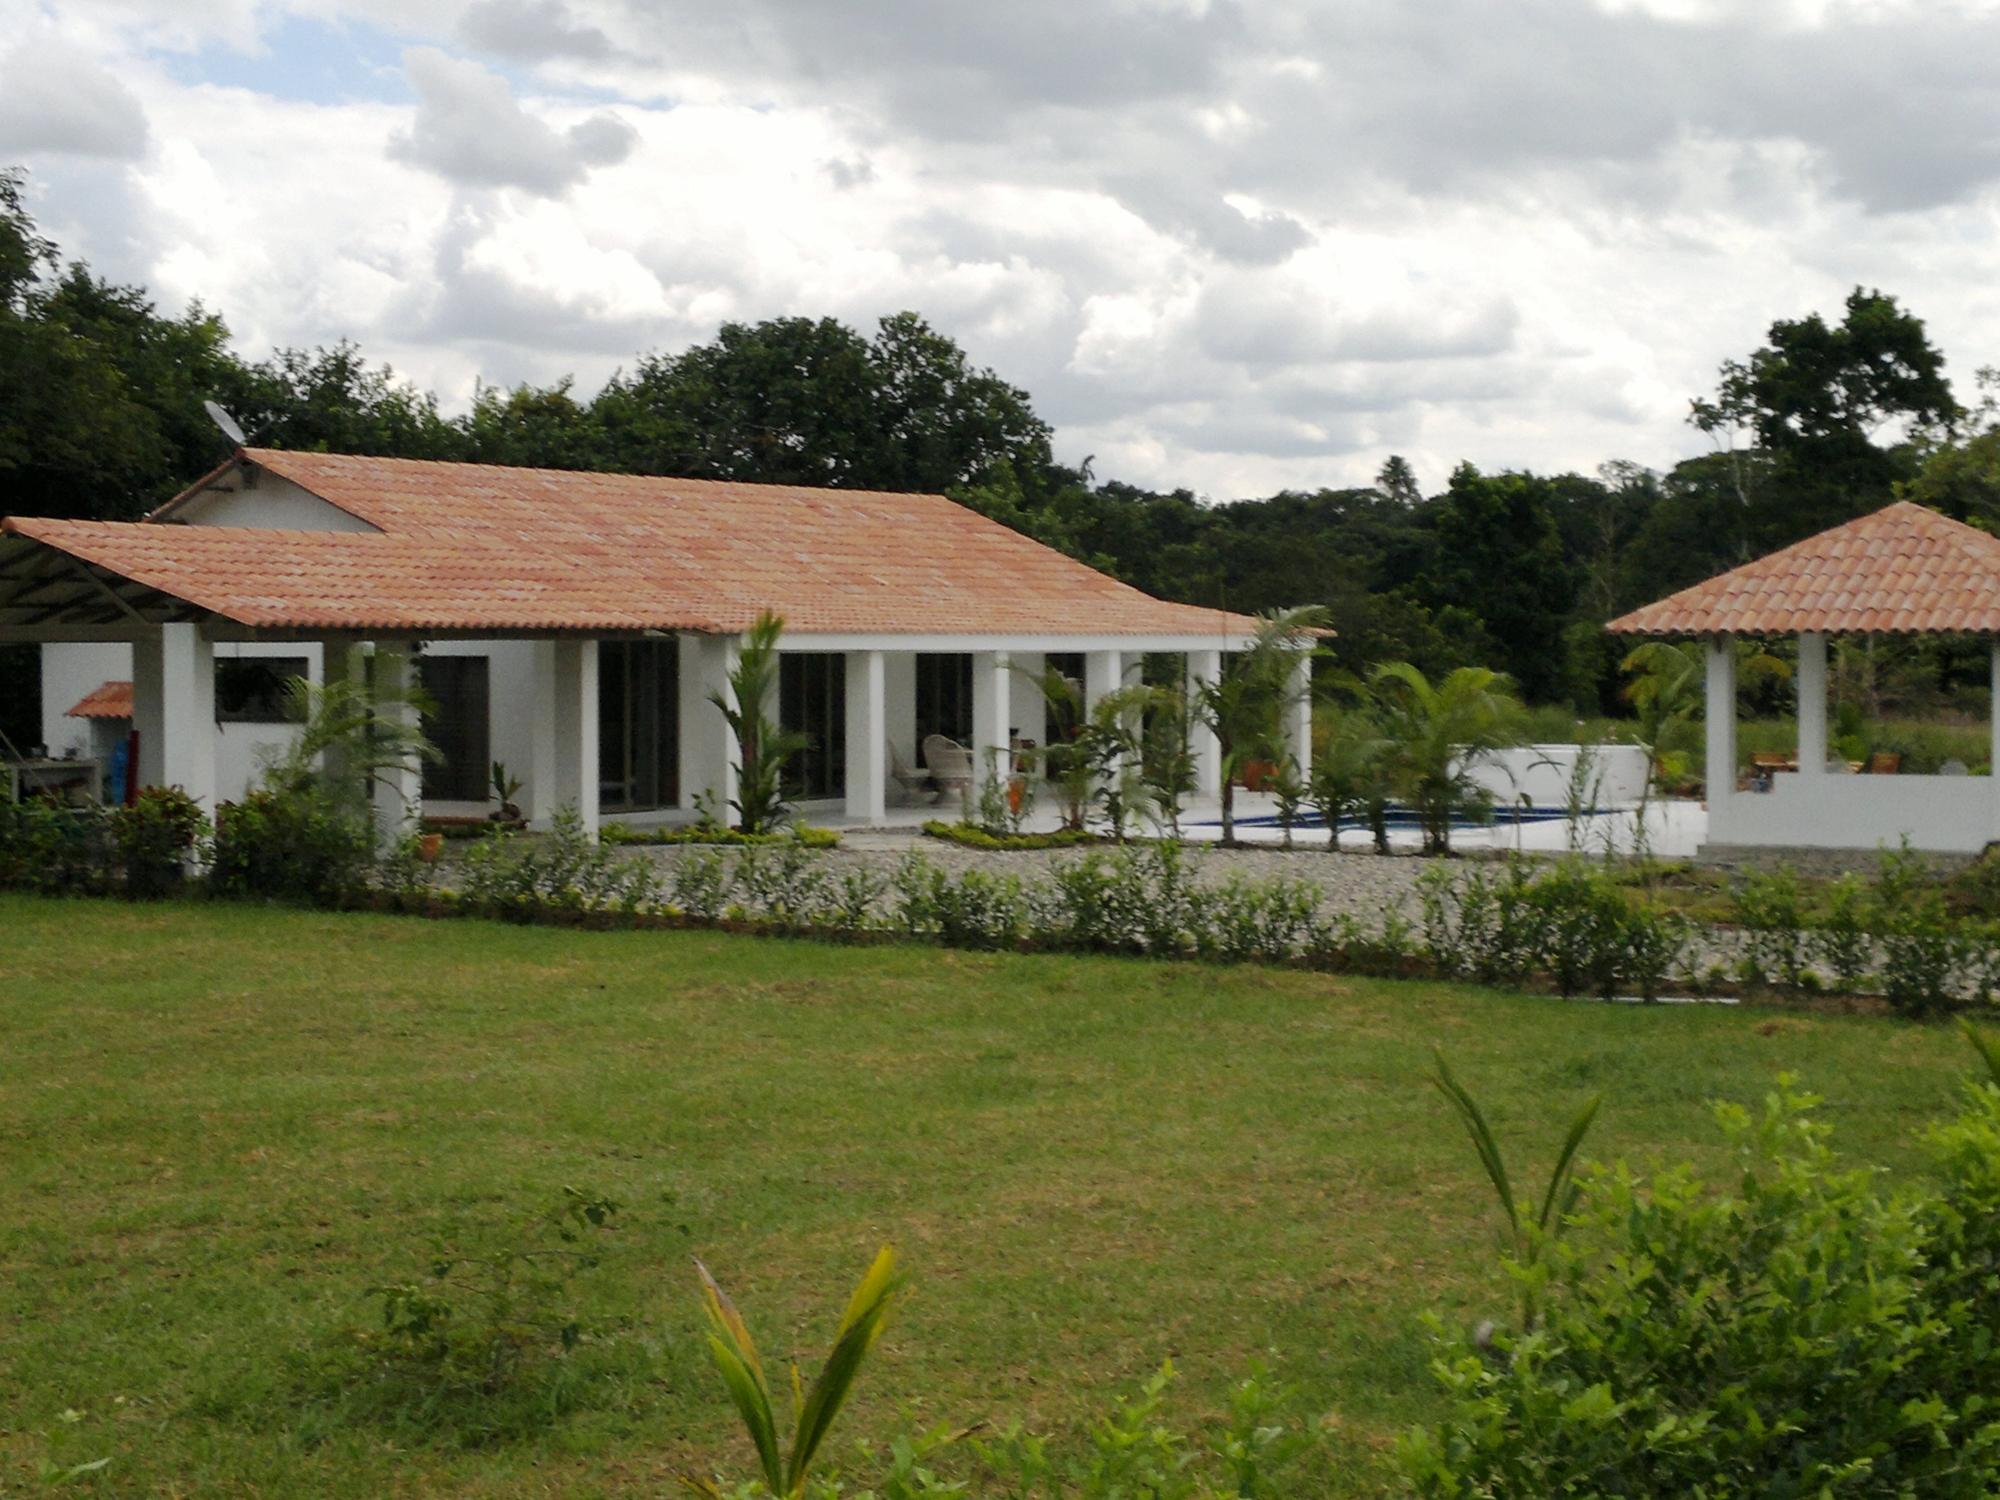 Casas y caba as prefabricadas villavicencio casas - Cabanas casas prefabricadas ...